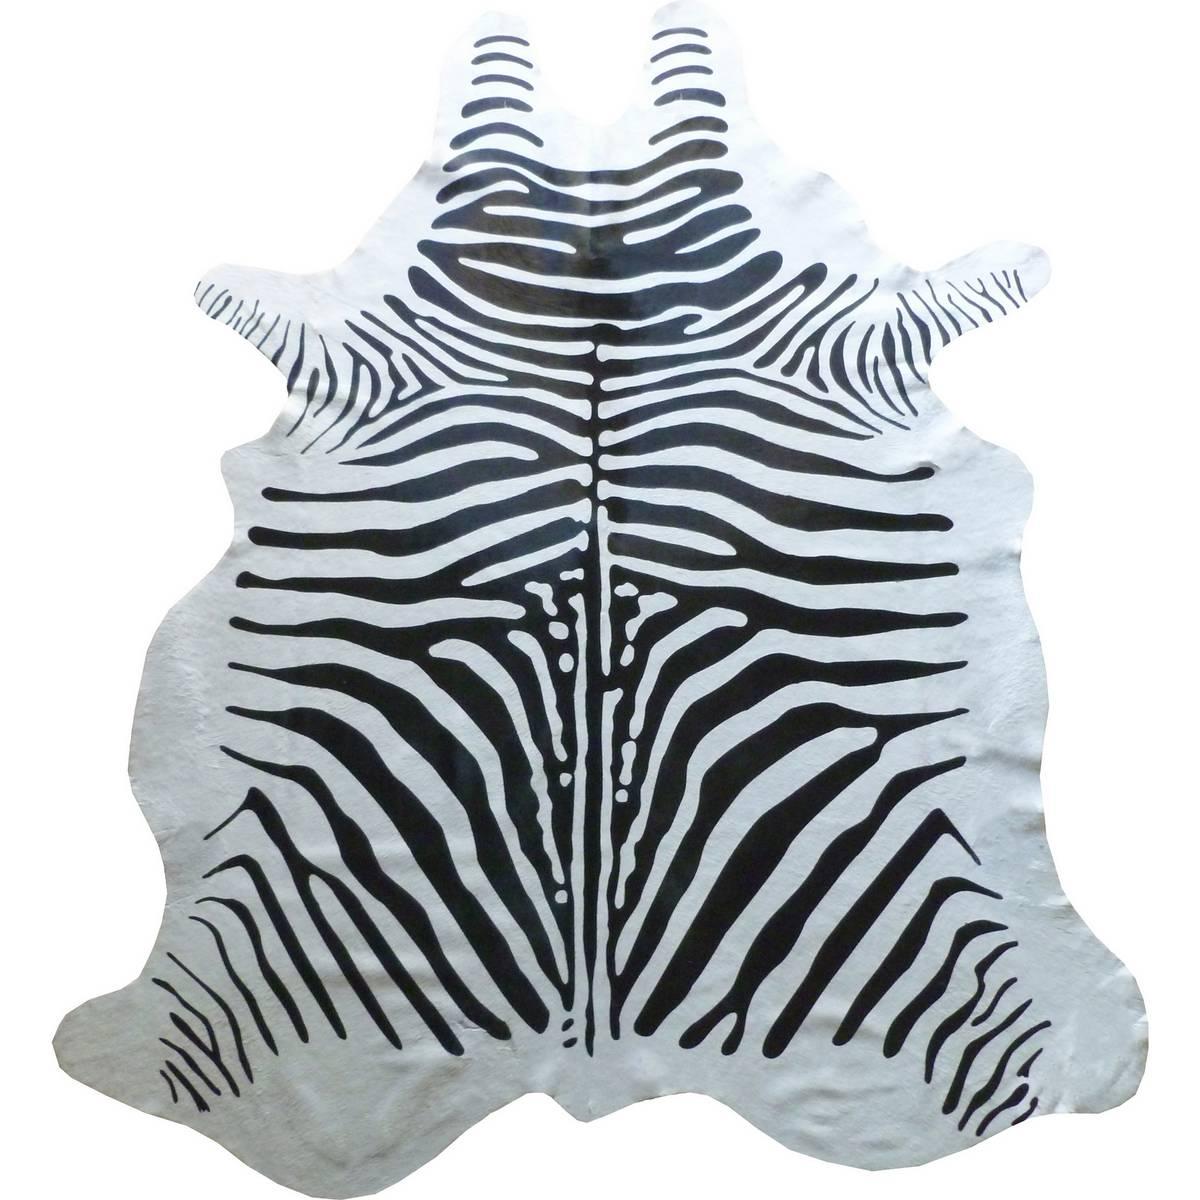 Muriel Kay Zebra Original Stenciled Cowhide